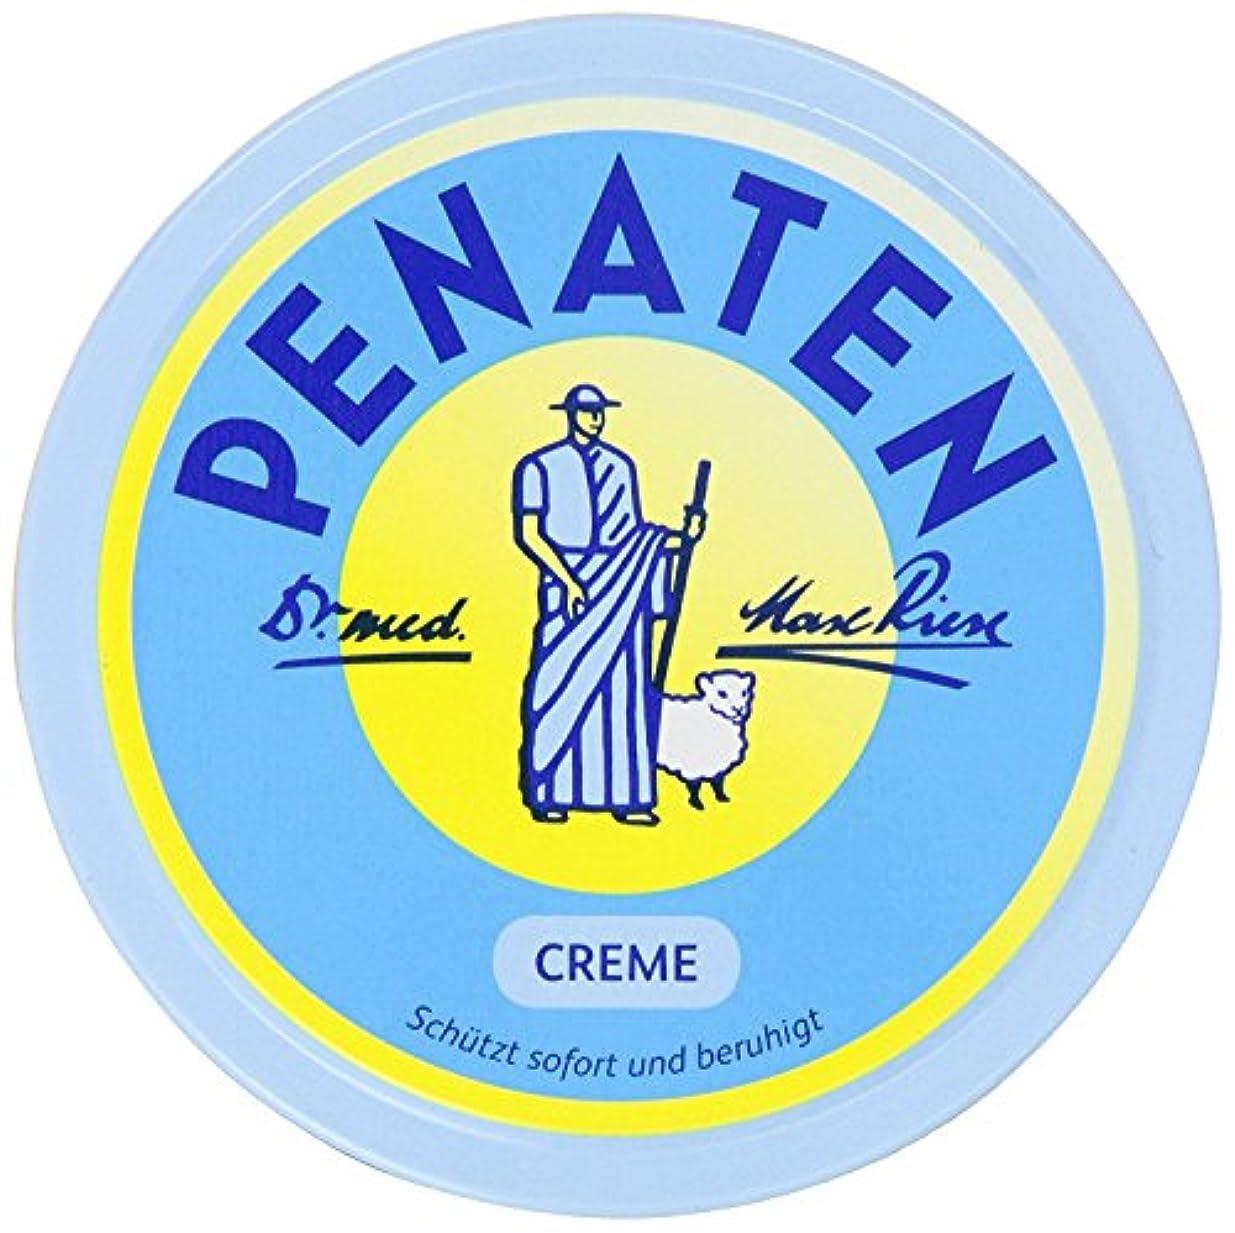 疼痛のため吸収(ペナテン) Penaten Baby Creme 150 ml, 2er Pack (2 x 150 ml) (並行輸入品) shumaman